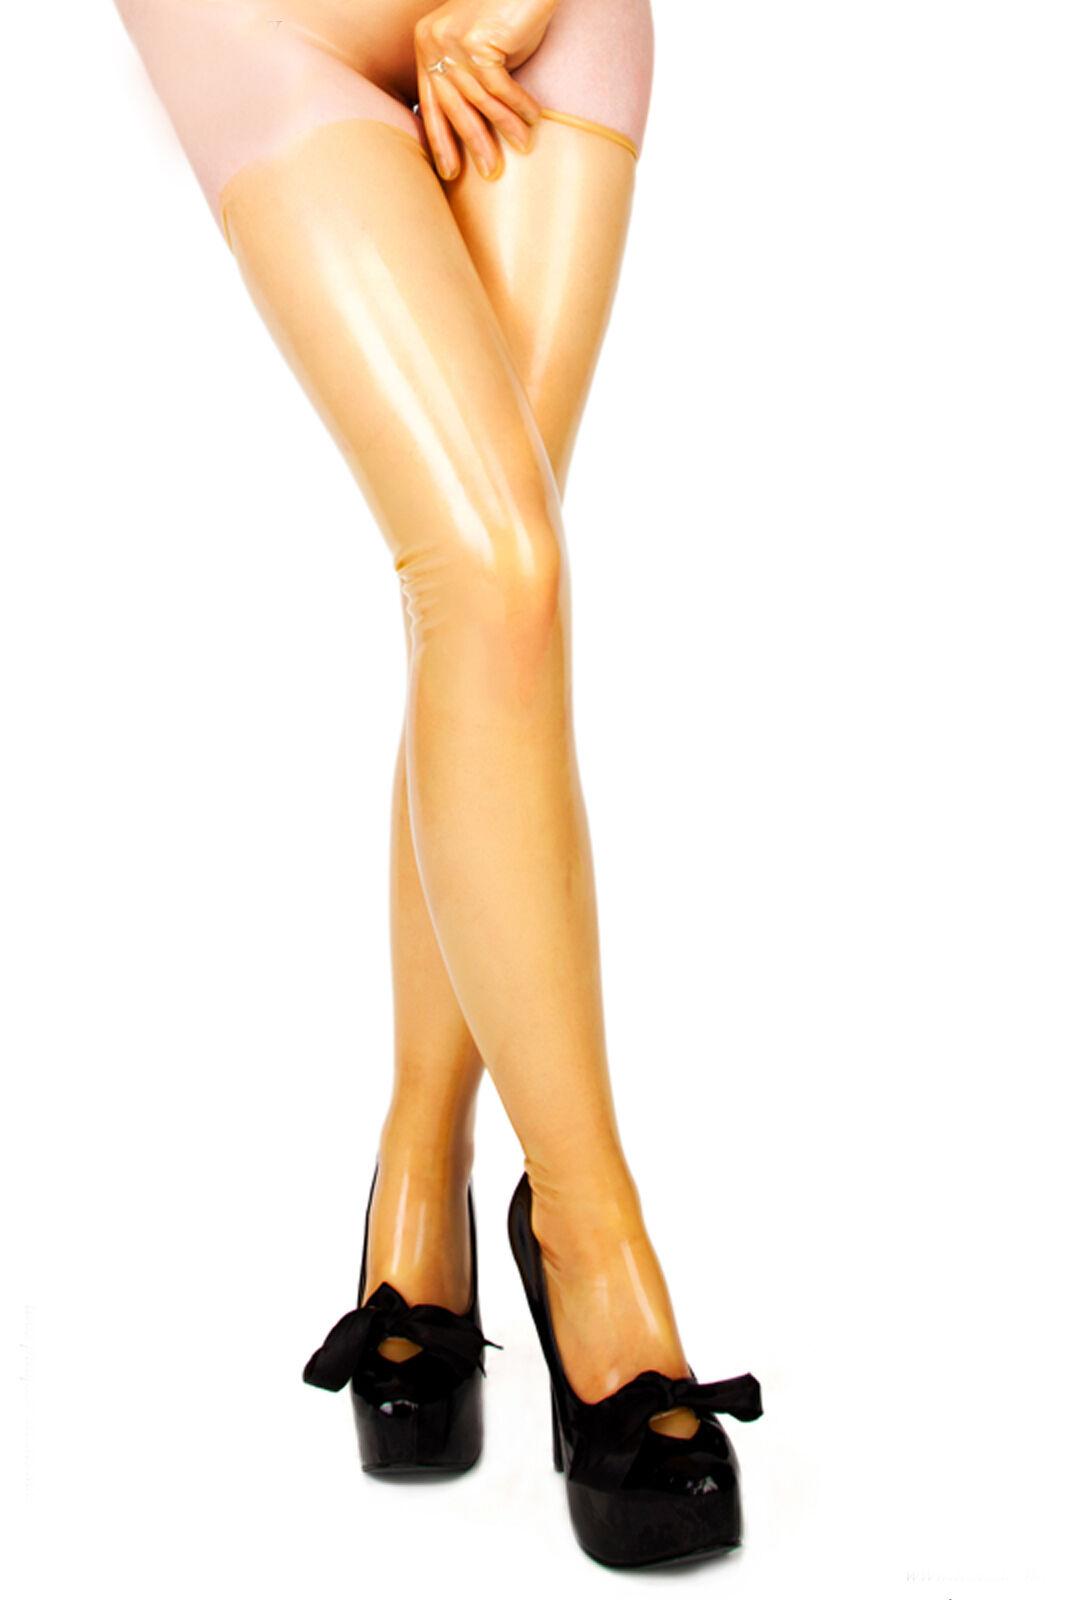 LATEX Strümpfe extralang von LATEXA - TRANSPARENT - Größe Größe Größe wählbar bis XXL   Wir haben von unseren Kunden Lob erhalten.    Eleganter Stil    Wirtschaft    Verrückte Preis    Deutschland  6b948e